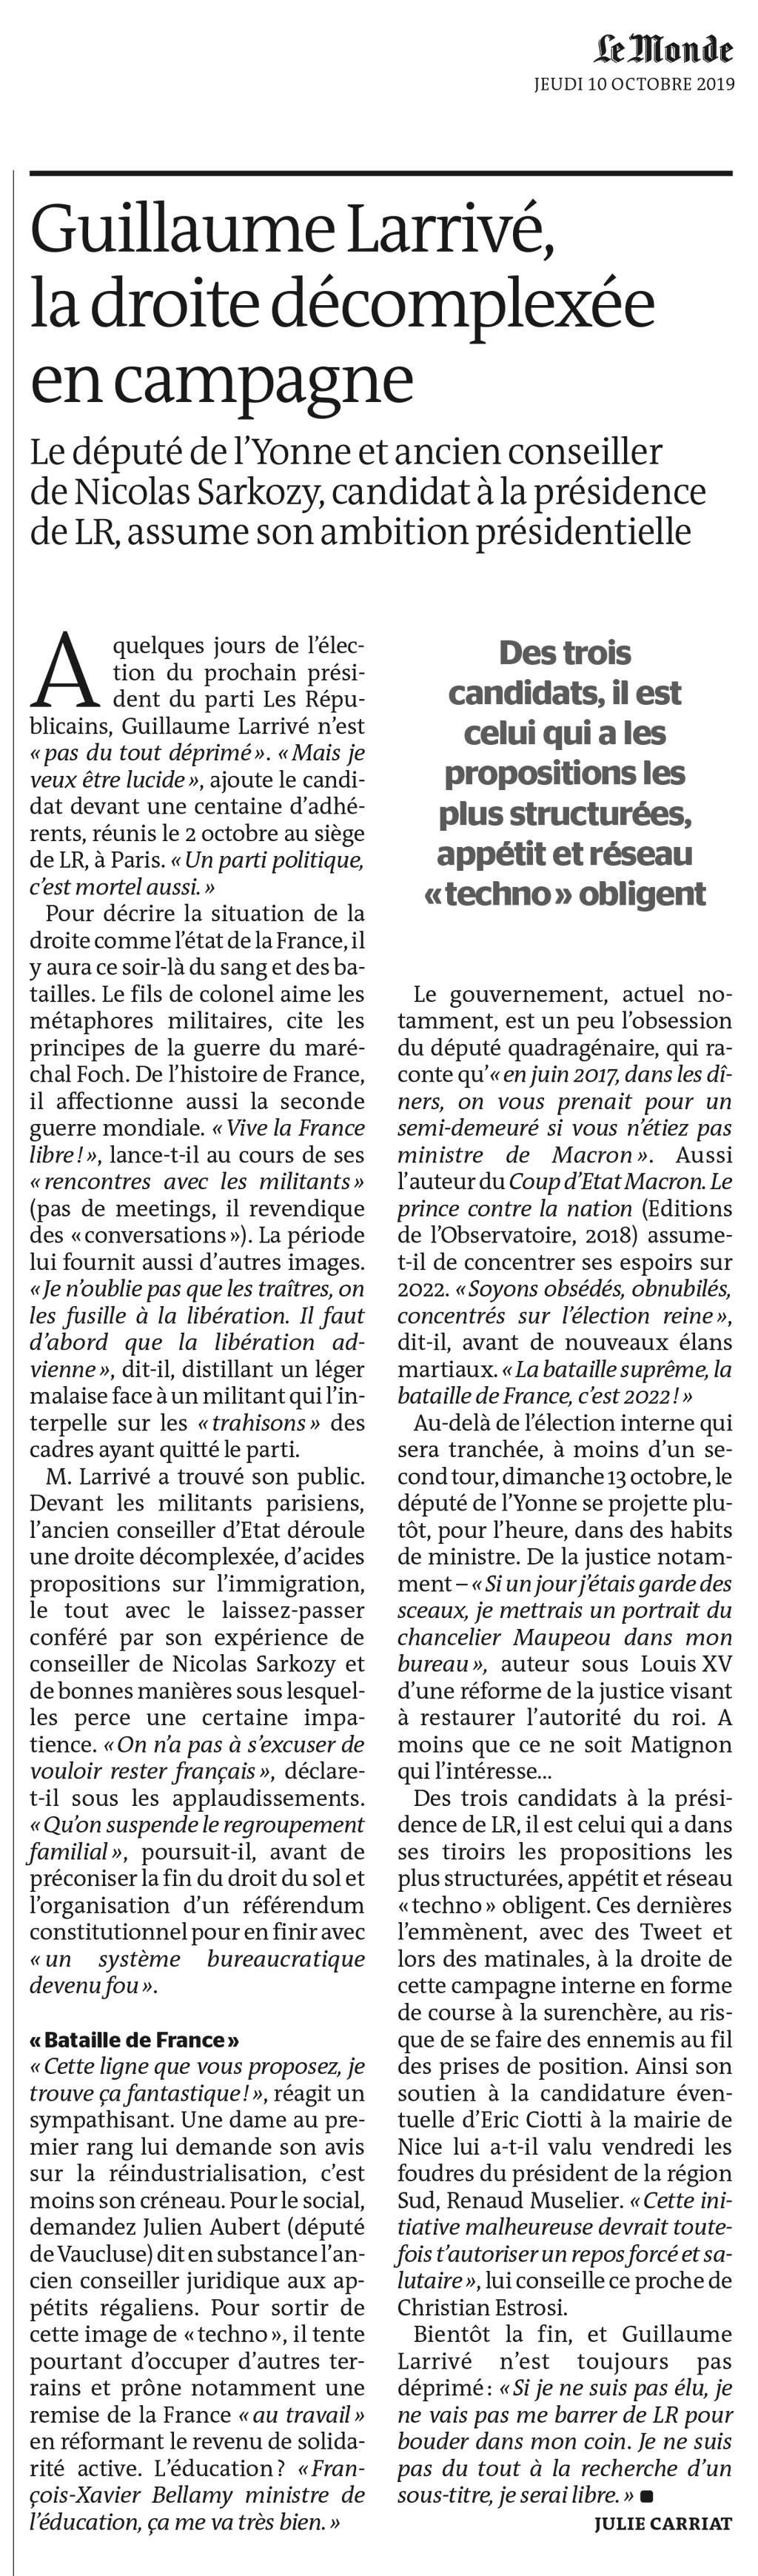 Guillaume Larrivé, la droite décomplexée en campagne pour la présidence de LR